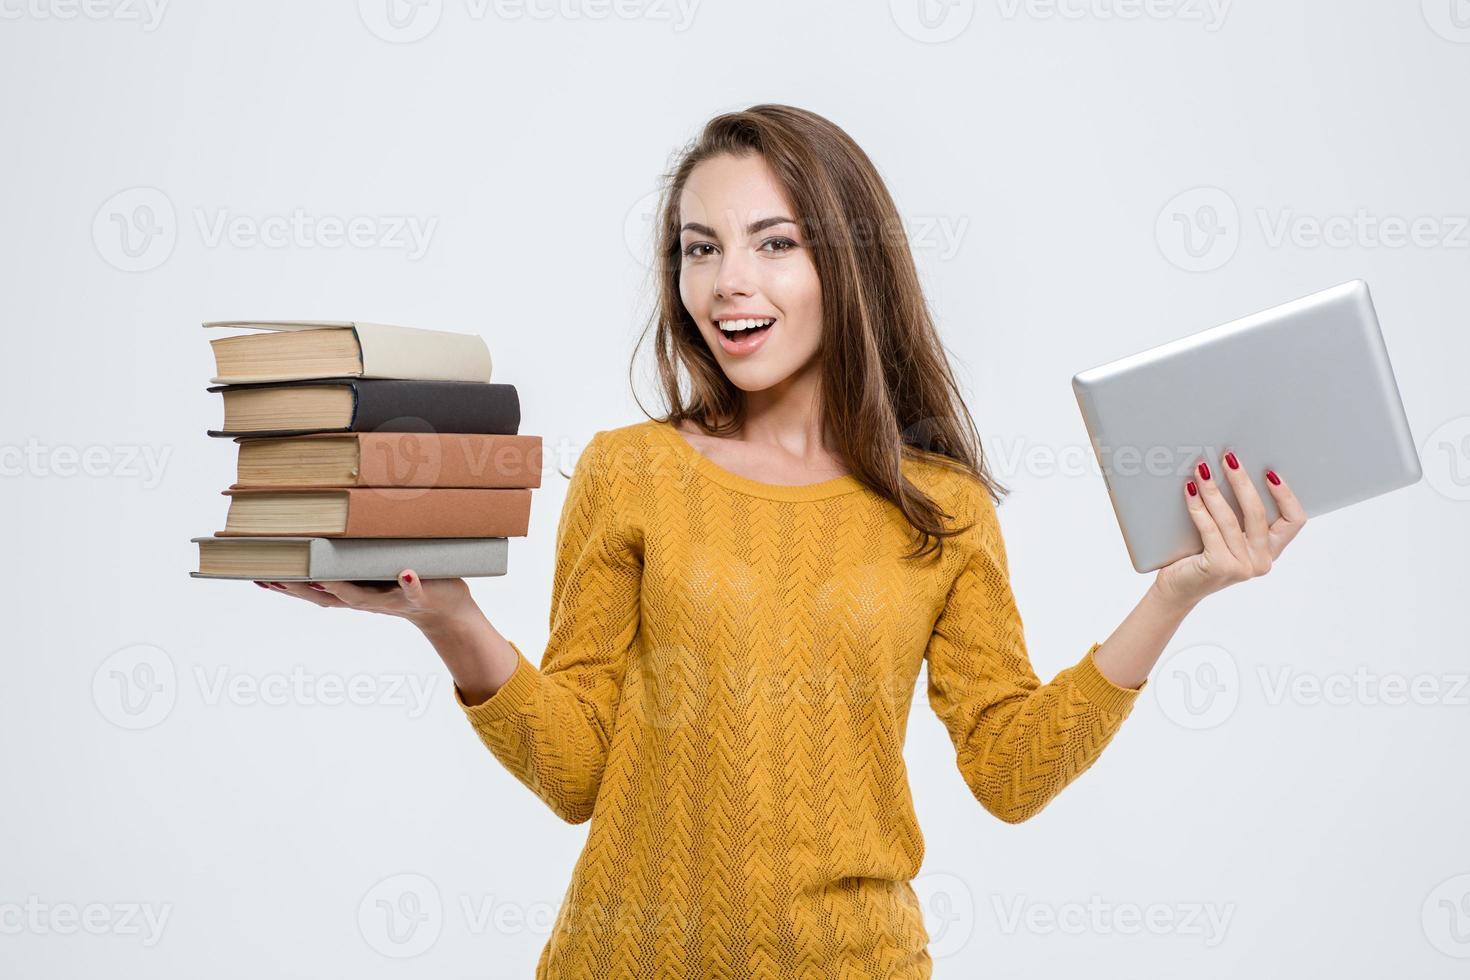 donna che sceglie tra libri di carta o computer tablet foto